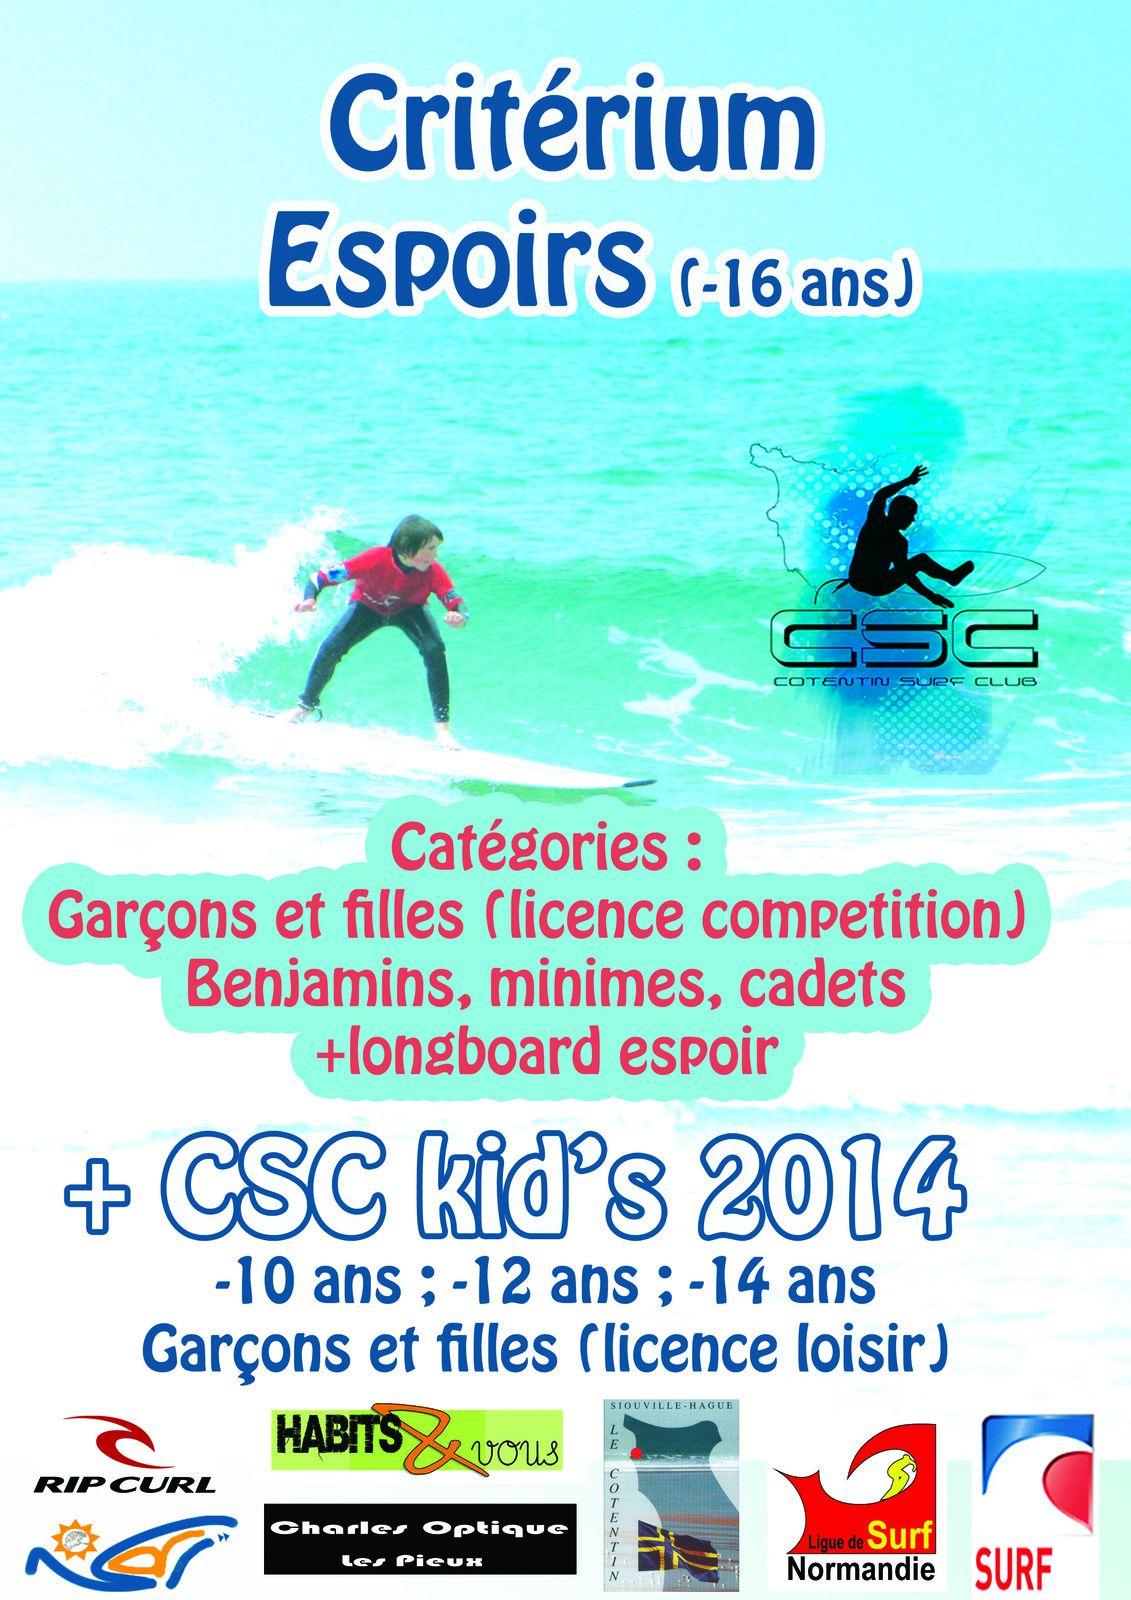 Critérium Jeunes compétiteurs et CSC kid's